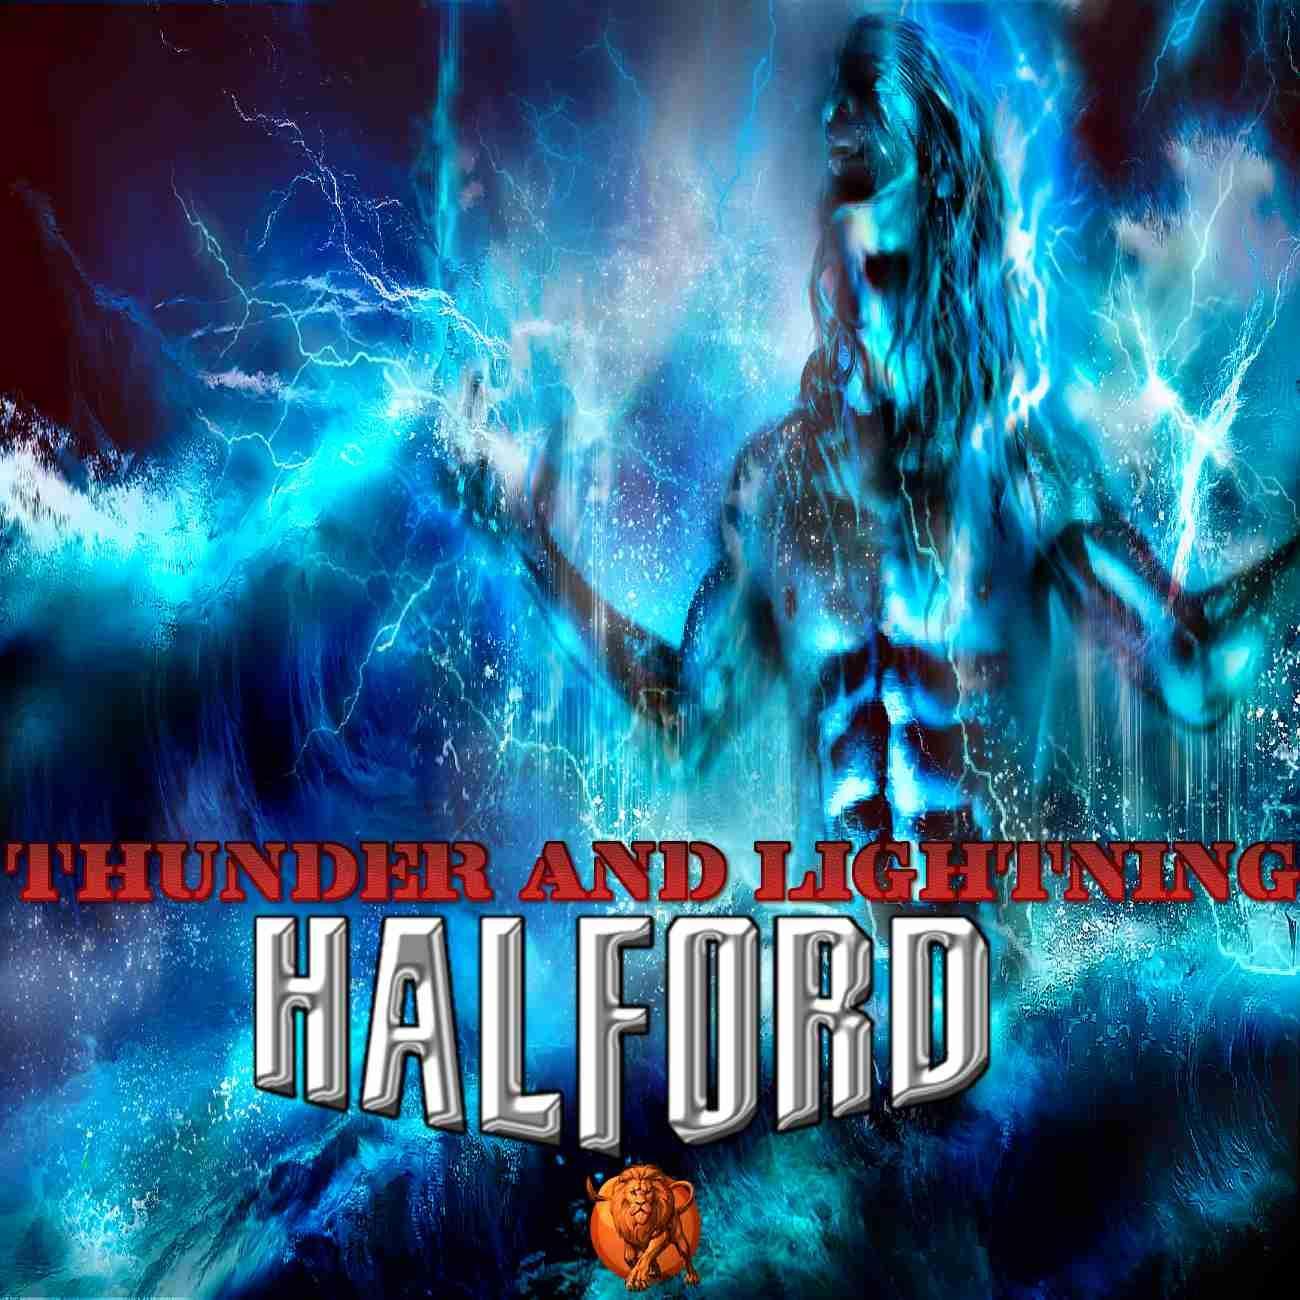 Halford дискография скачать торрент mp3